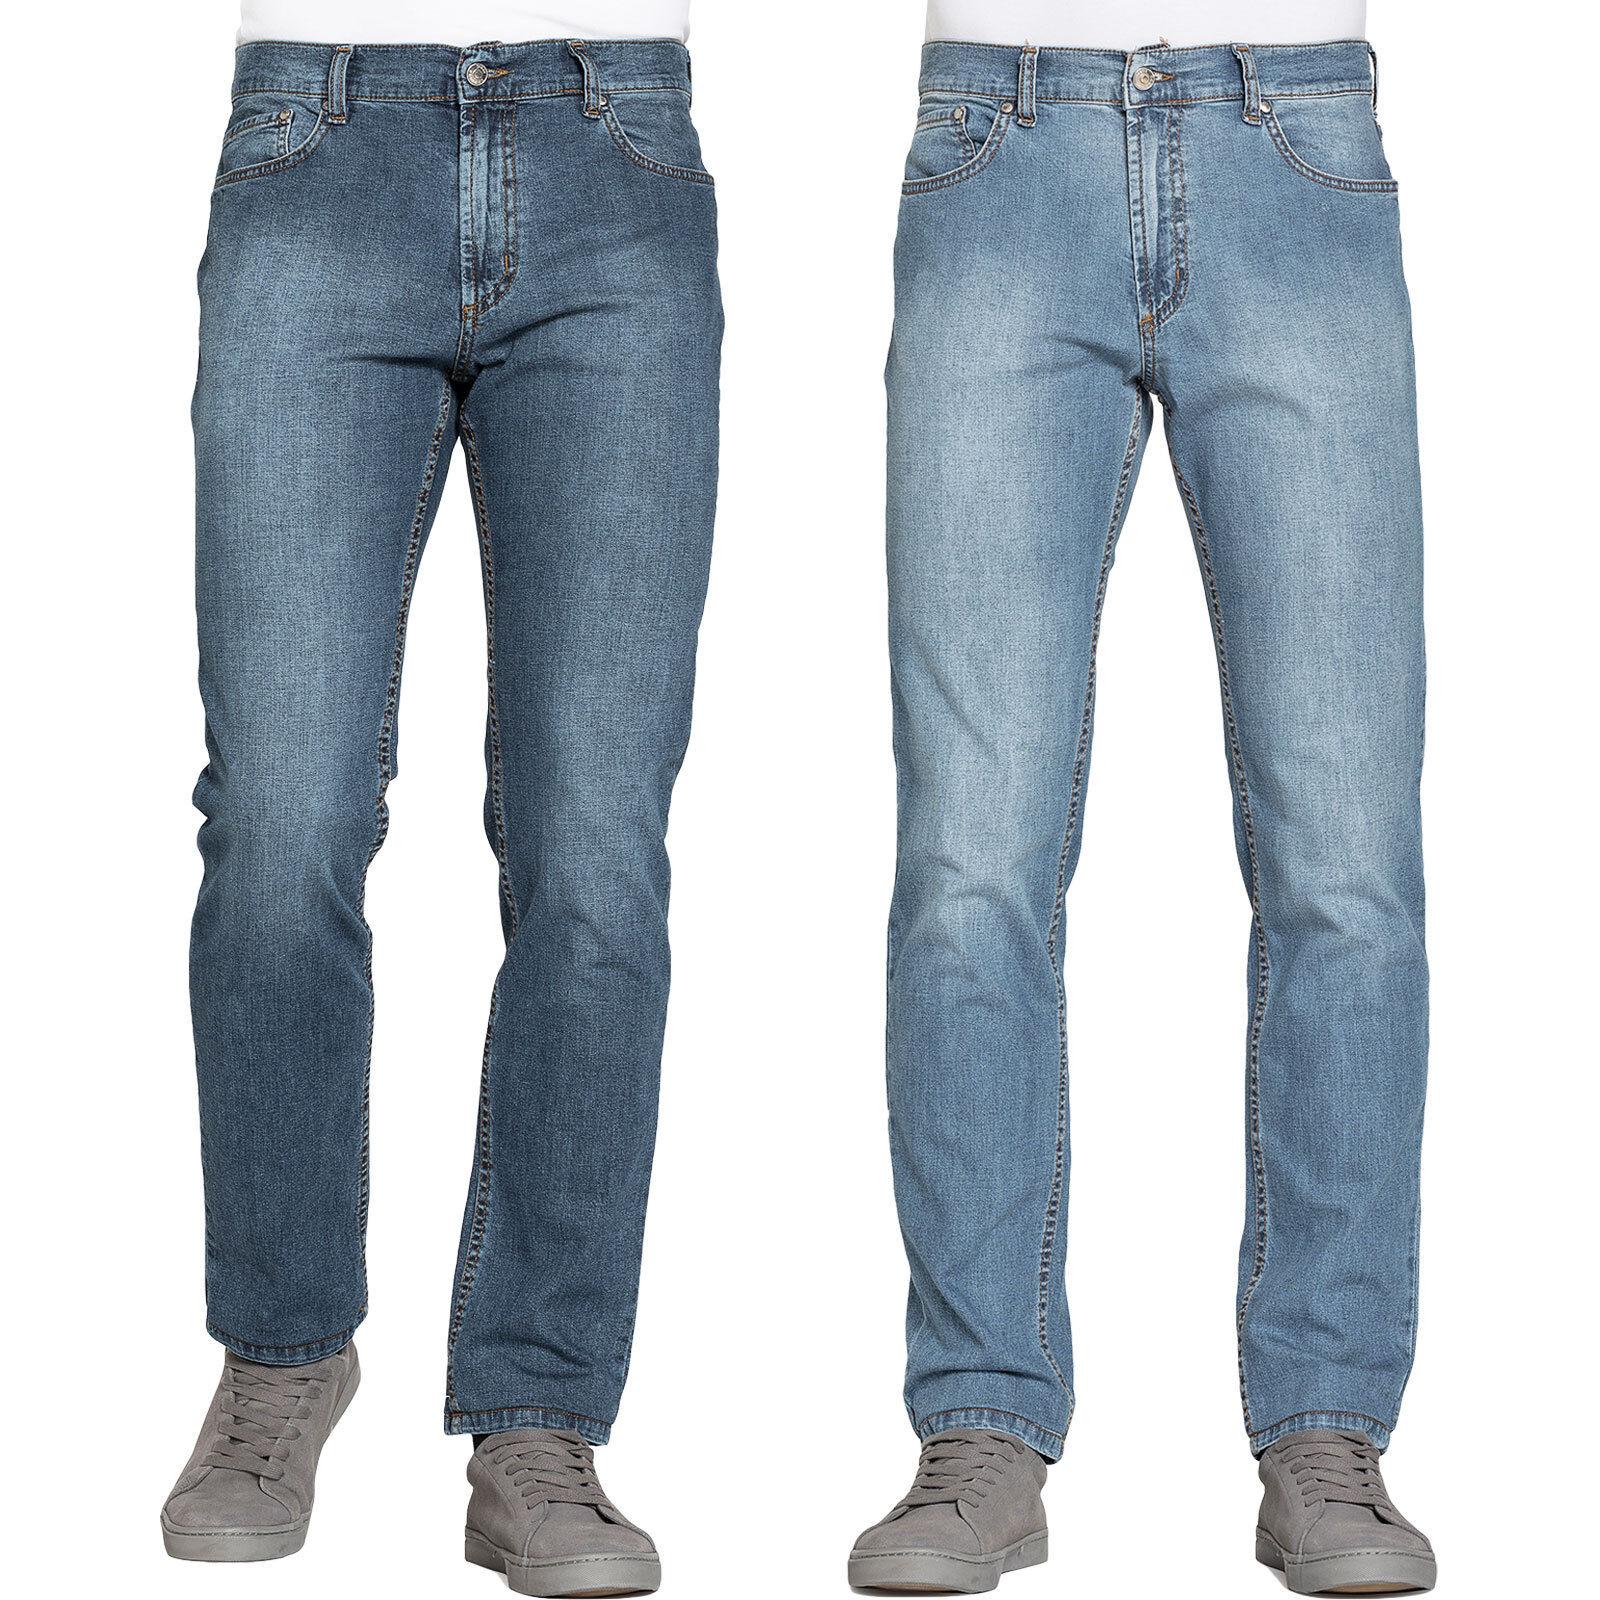 Carrera Vaqueros Hombre Pantalones Stretch Vita Regular Pierna Comoda 700 930a Ebay